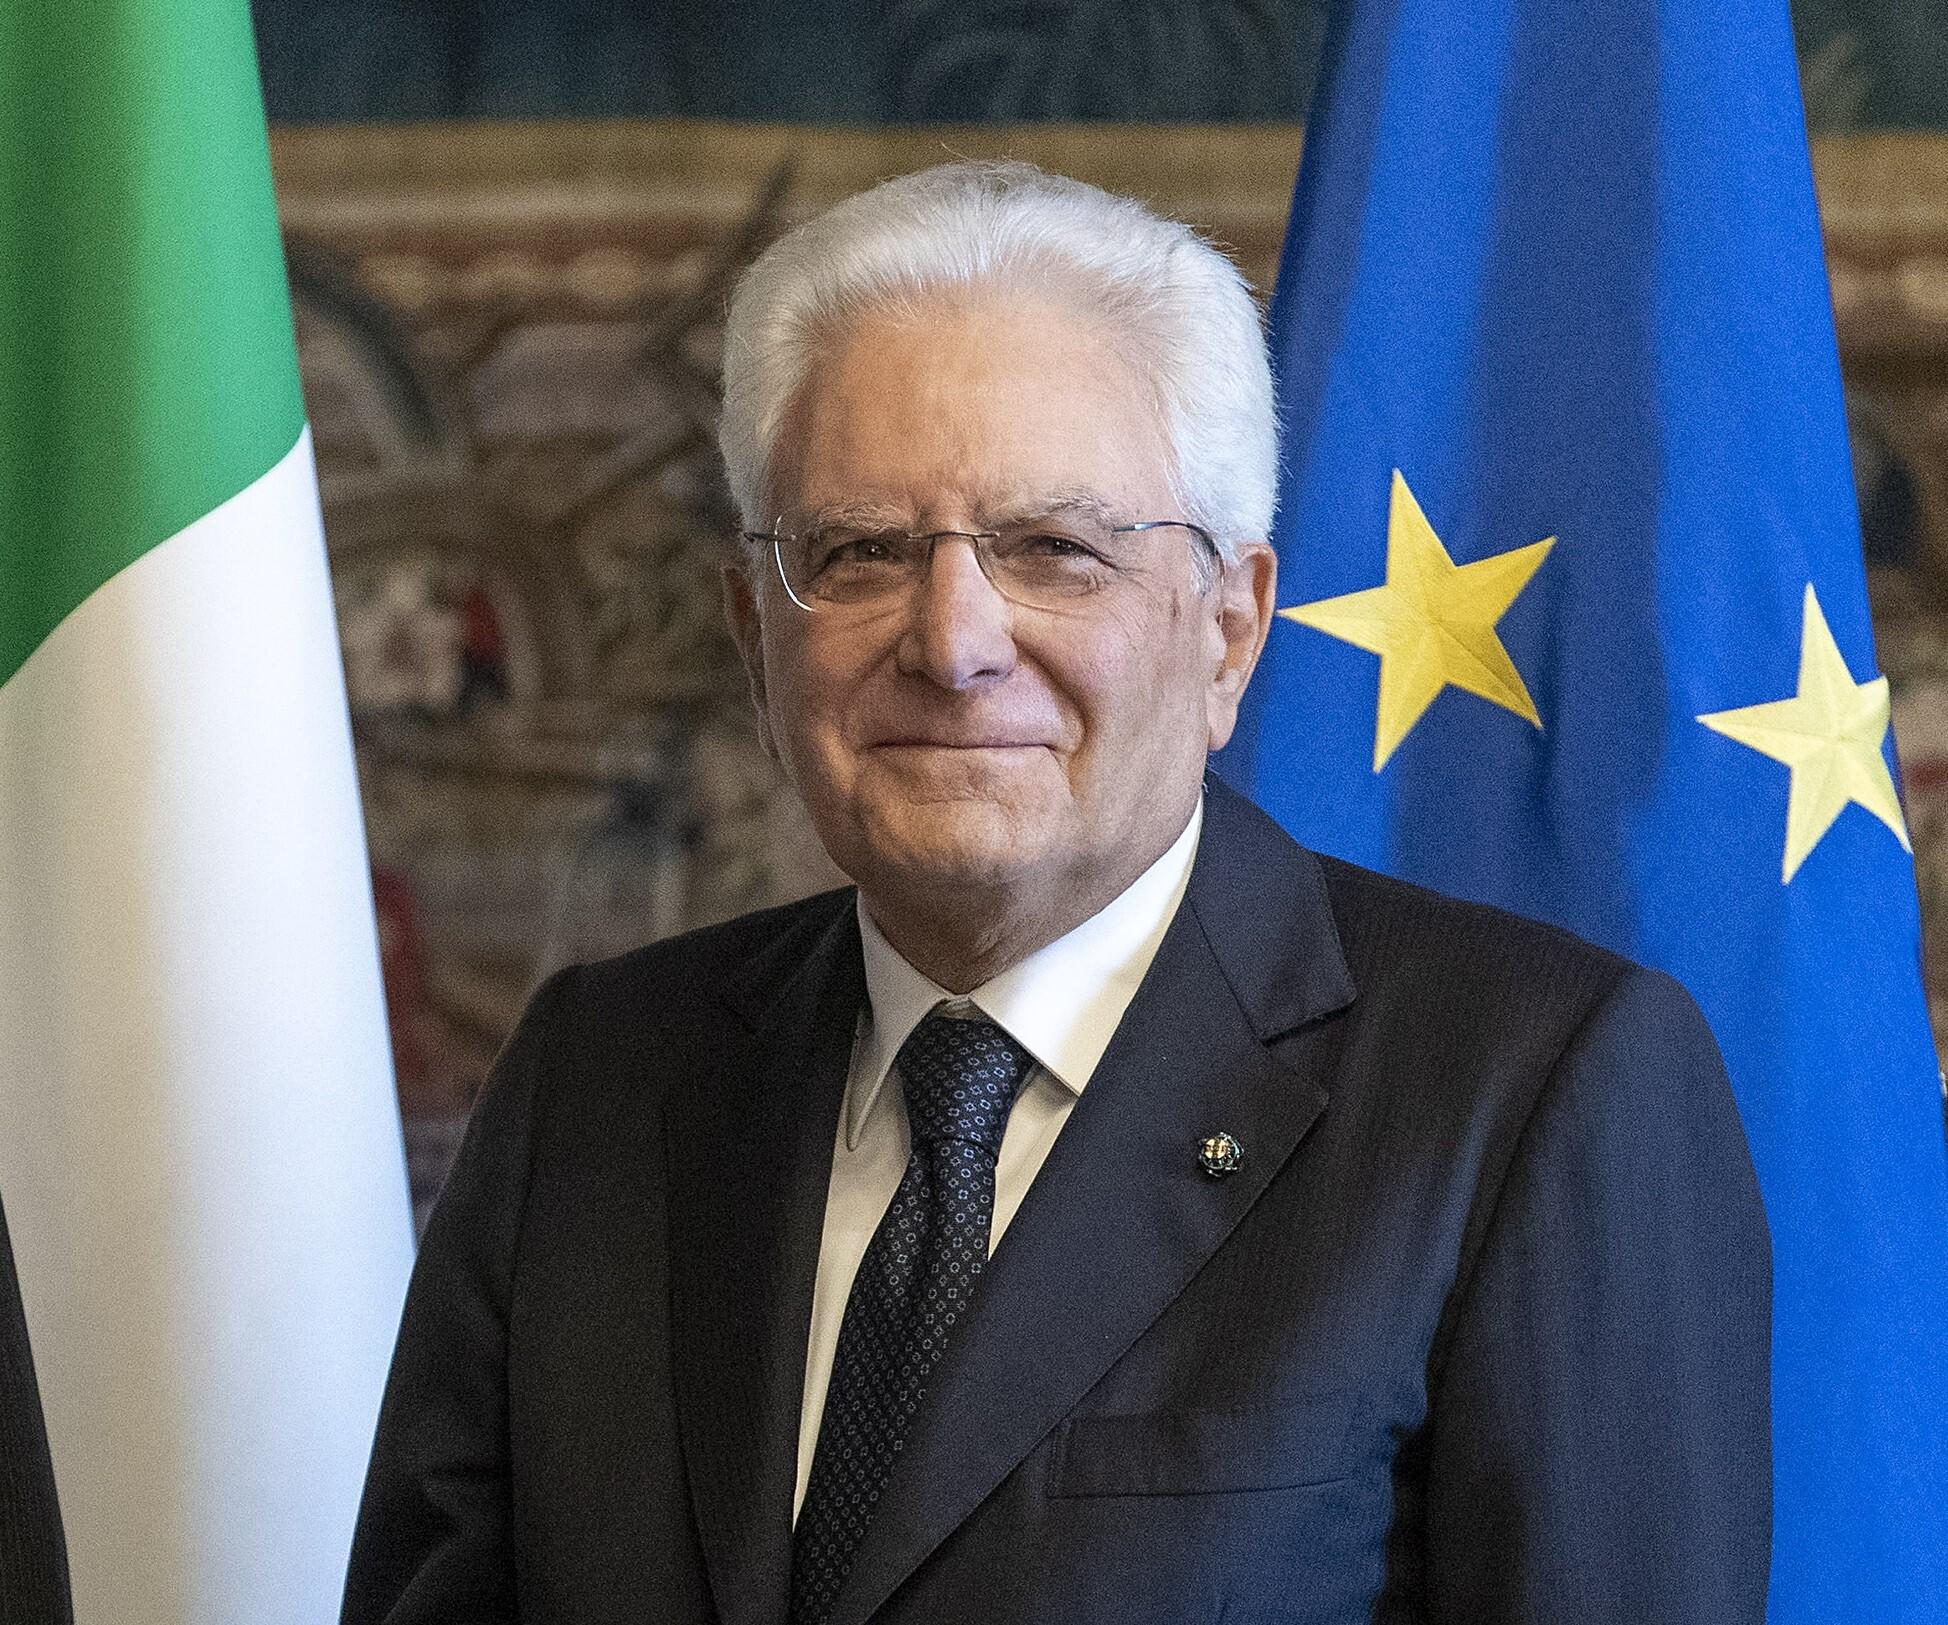 Inaugurazione anno accademico con il Presidente Mattarella: da lunedì 28 ottobre prenotazioni on line per la cittadinanza